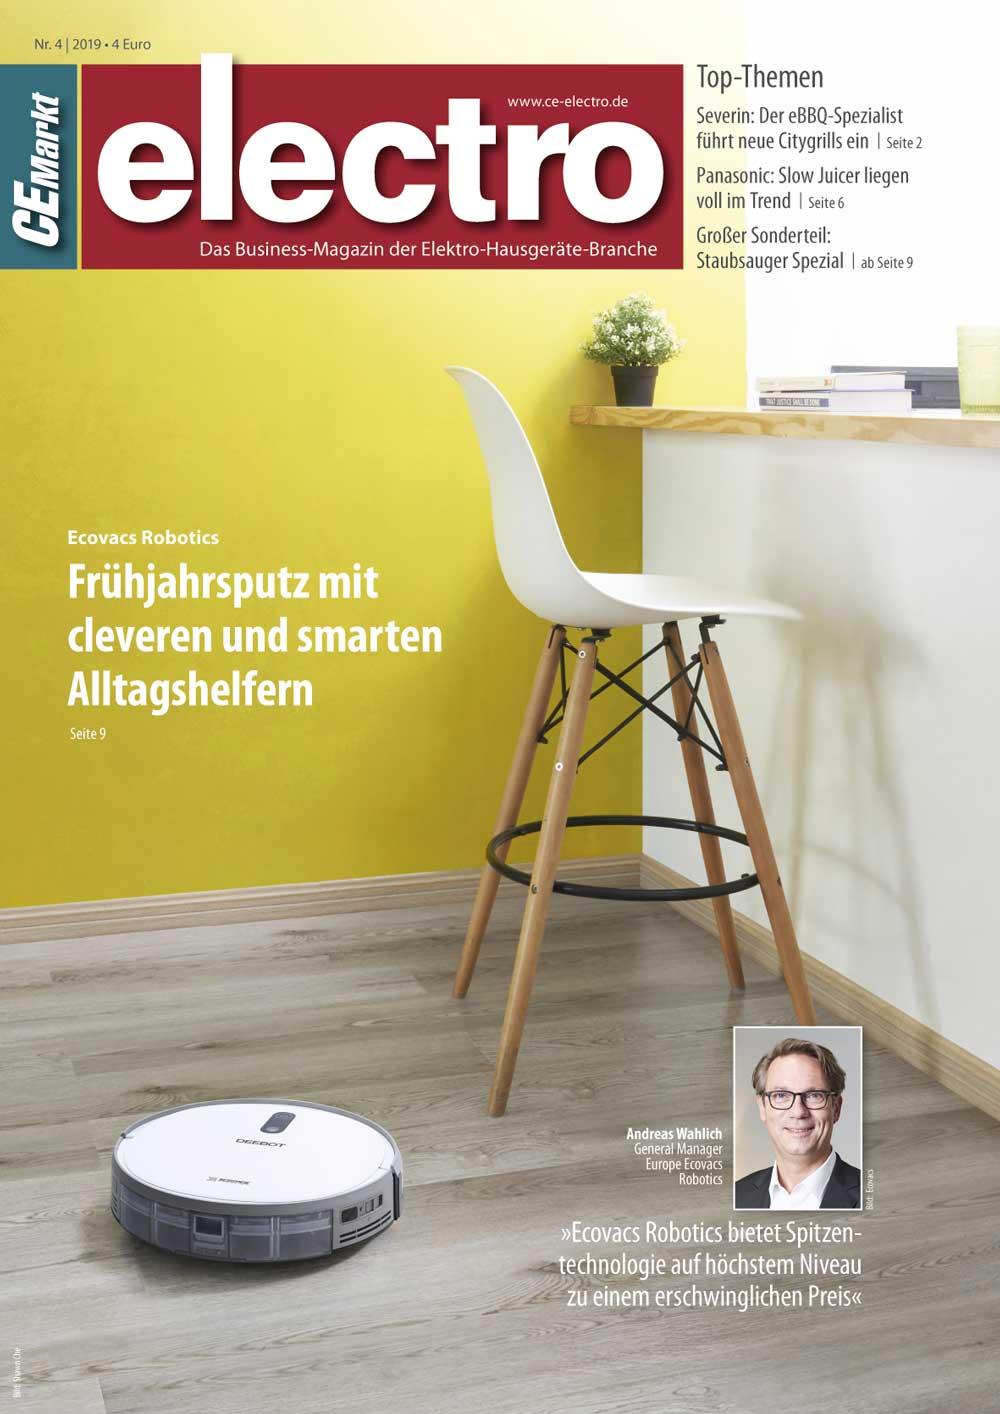 CE-Markt electro Titelseite des Hefts 4/2019.